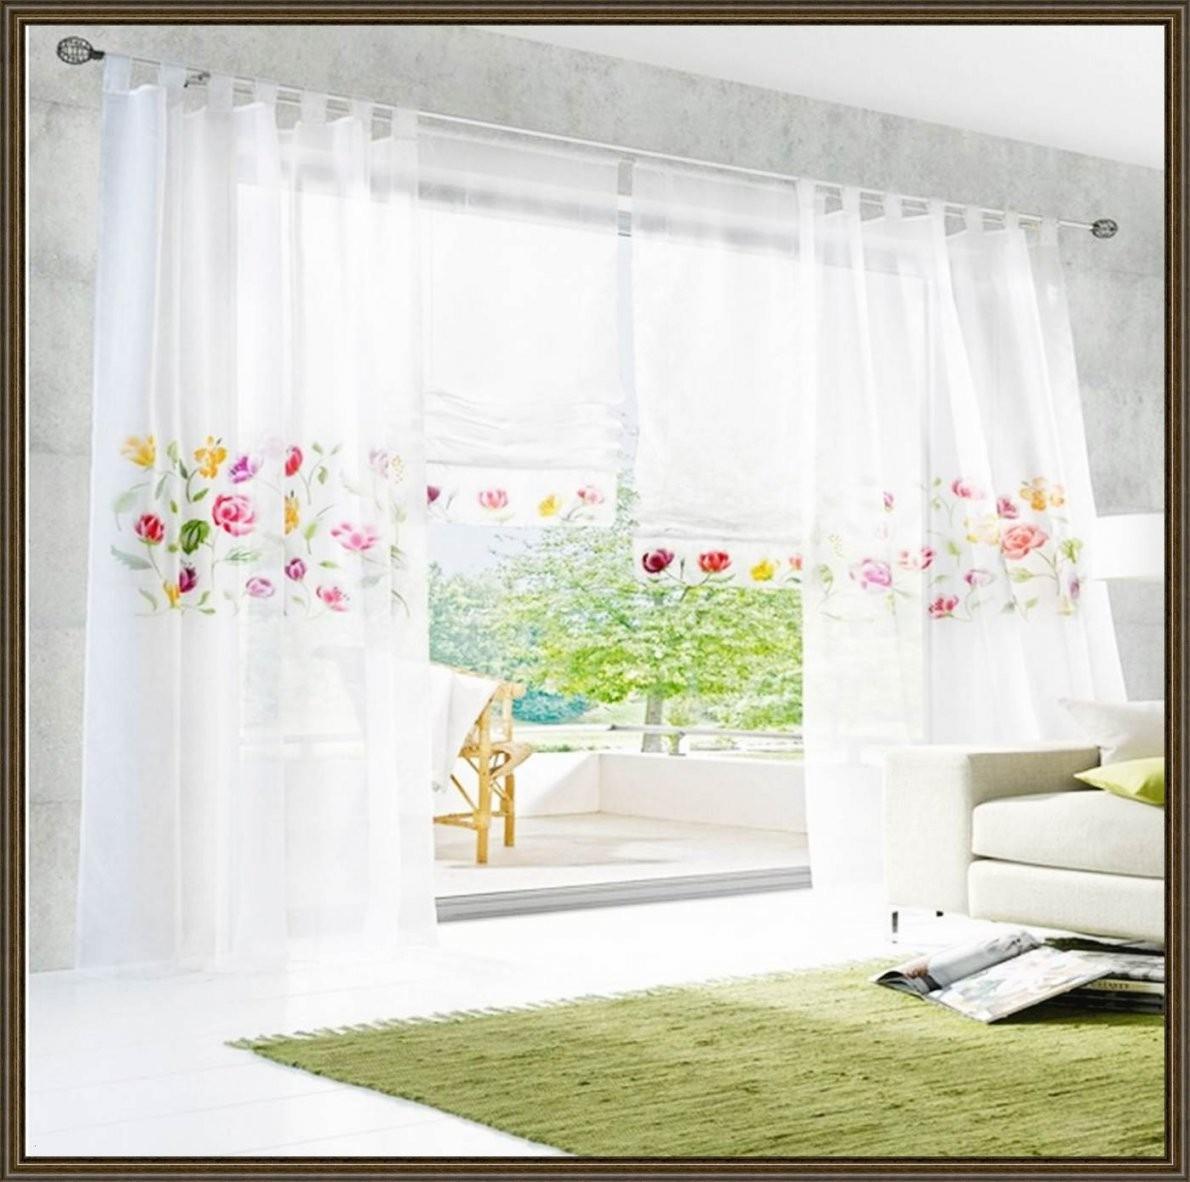 Inspirierend Rollos Zum Einhängen Ins Fenster  Lapetitemaisonnyc von Rollos Zum Einhängen Ins Fenster Photo